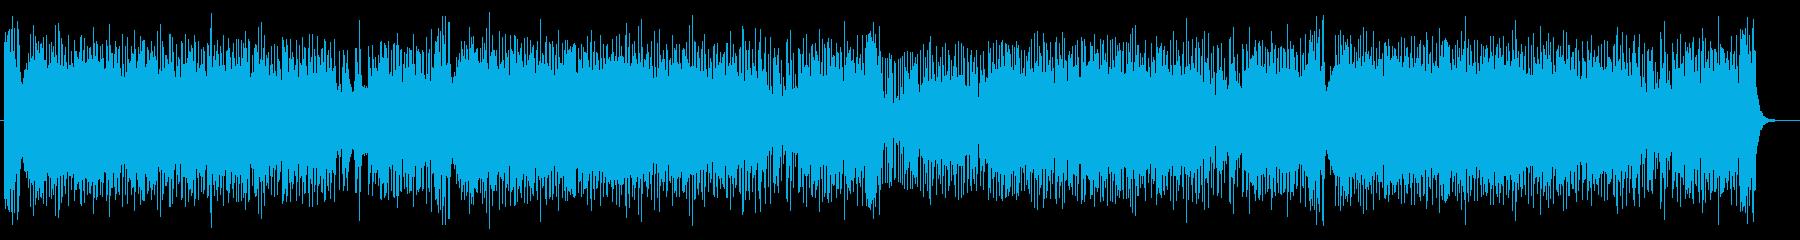 宇宙感のあるドラムシンセサイザーサウンドの再生済みの波形